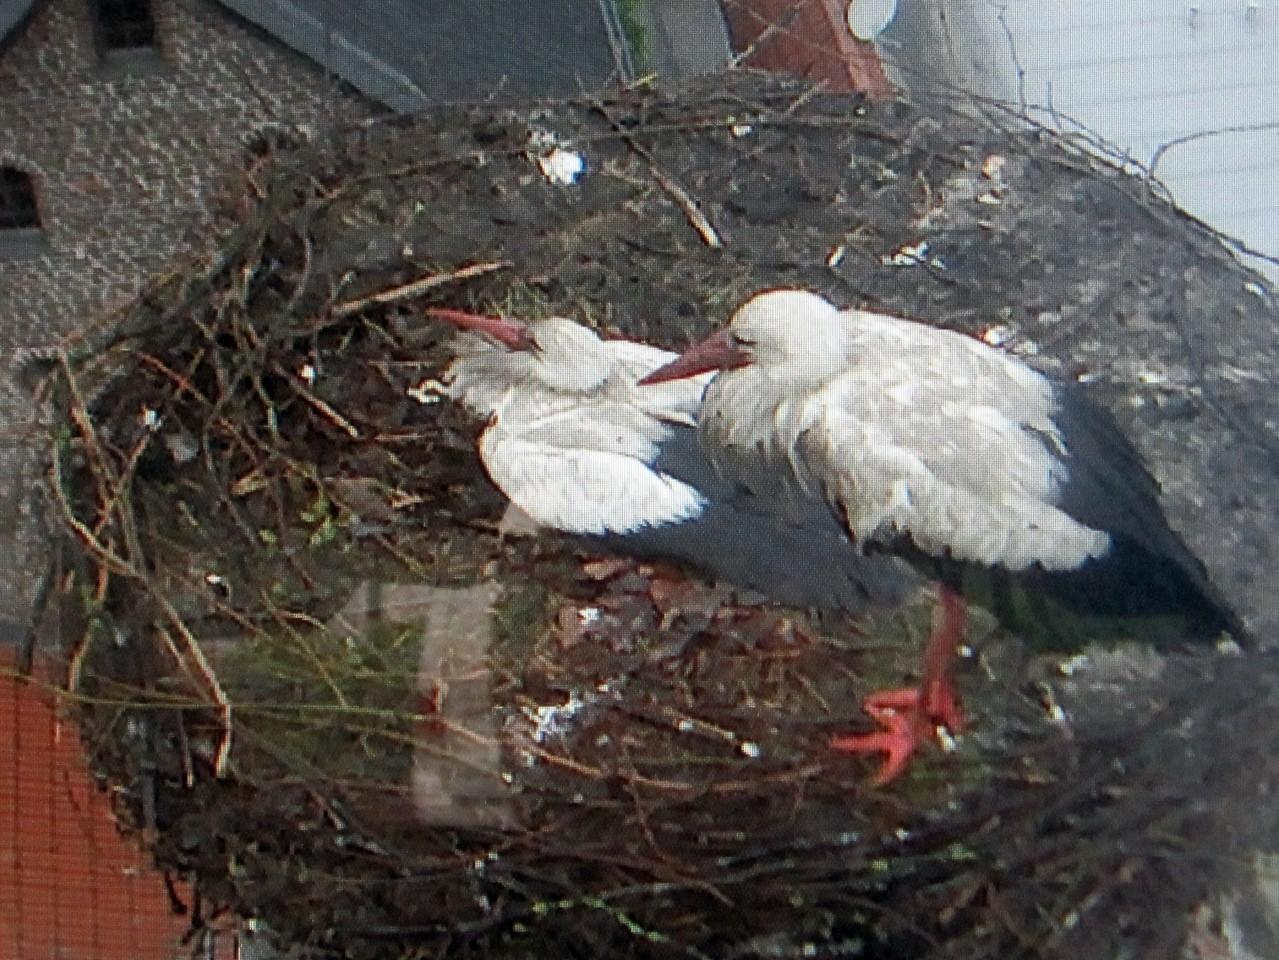 22. Mai - Hillerichs versuchen noch zwei Jungvögel zu schützen